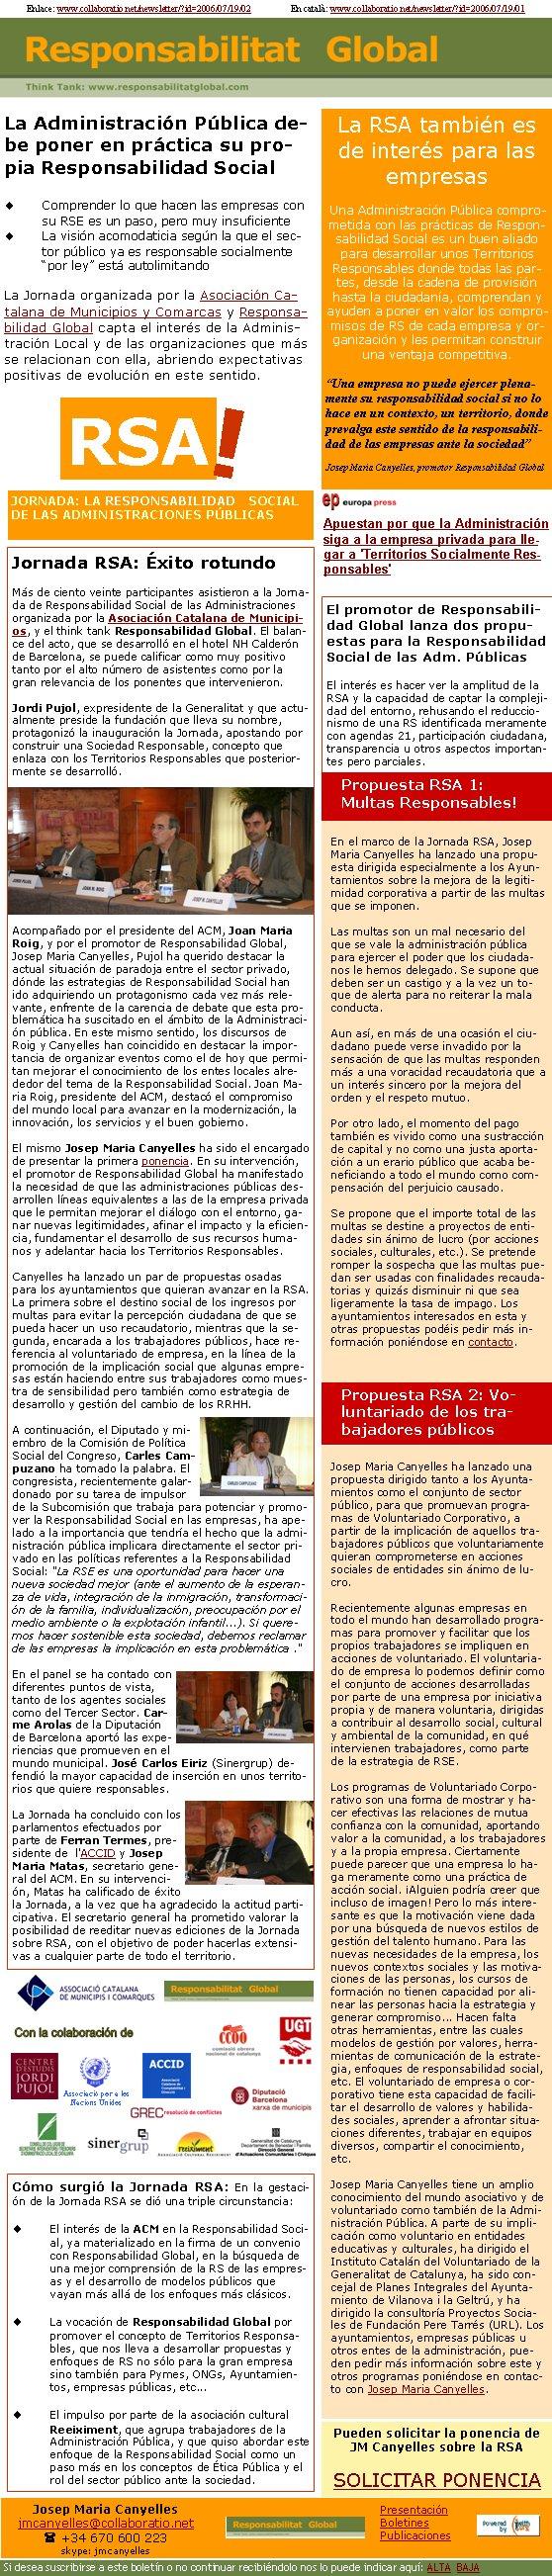 JORNADA: LA RESPONSABILIDAD SOCIAL DE LAS ADMINISTRACIONES PÚBLICASRSA!Jornada RSA: Éxito rotundoMás de ciento veinte participantes asistieron a la Jornada de Responsabilidad Social de las Administraciones organizada por la Asociación Catalana de Municipios, y el think tank Responsabilidad Global. El balance del acto, que se desarrolló en el hotel NH Calderón de Barcelona, se puede calificar como muy positivo tanto por el alto número de asistentes como por la gran relevancia de los ponentes que intervenieron. Jordi Pujol, expresidente de la Generalitat y que actualmente preside la fundación que lleva su nombre, protagonizó la inauguración la Jornada, apostando por construir una Sociedad Responsable, concepto que enlaza con los Territorios Responsables que posteriormente se desarrolló. Acompañado por el presidente del ACM, Joan Maria Roig, y por el promotor de Responsabilidad Global, Josep Maria Canyelles, Pujol ha querido destacar la actual situación de paradoja entre el sector privado, dónde las estrategias de Responsabilidad Social han ido adquiriendo un protagonismo cada vez más relevante, enfrente de la carencia de debate que esta problemática ha suscitado en el ámbito de la Administración pública. En este mismo sentido, los discursos de Roig y Canyelles han coincidido en destacar la importancia de organizar eventos como el de hoy que permitan mejorar el conocimiento de los entes locales alrededor del tema de la Responsabilidad Social. Joan Maria Roig, presidente del ACM, destacó el compromiso del mundo local para avanzar en la modernización, la innovación, los servicios y el buen gobierno.El mismo Josep Maria Canyelles ha sido el encargado de presentar la primera ponencia. En su intervención, el promotor de Responsabilidad Global ha manifestado la necesidad de que las administraciones públicas desarrollen líneas equivalentes a las de la empresa privada que le permitan mejorar el diálogo con el entorno, ganar nuevas legitimidades, afinar el impacto y la eficienc